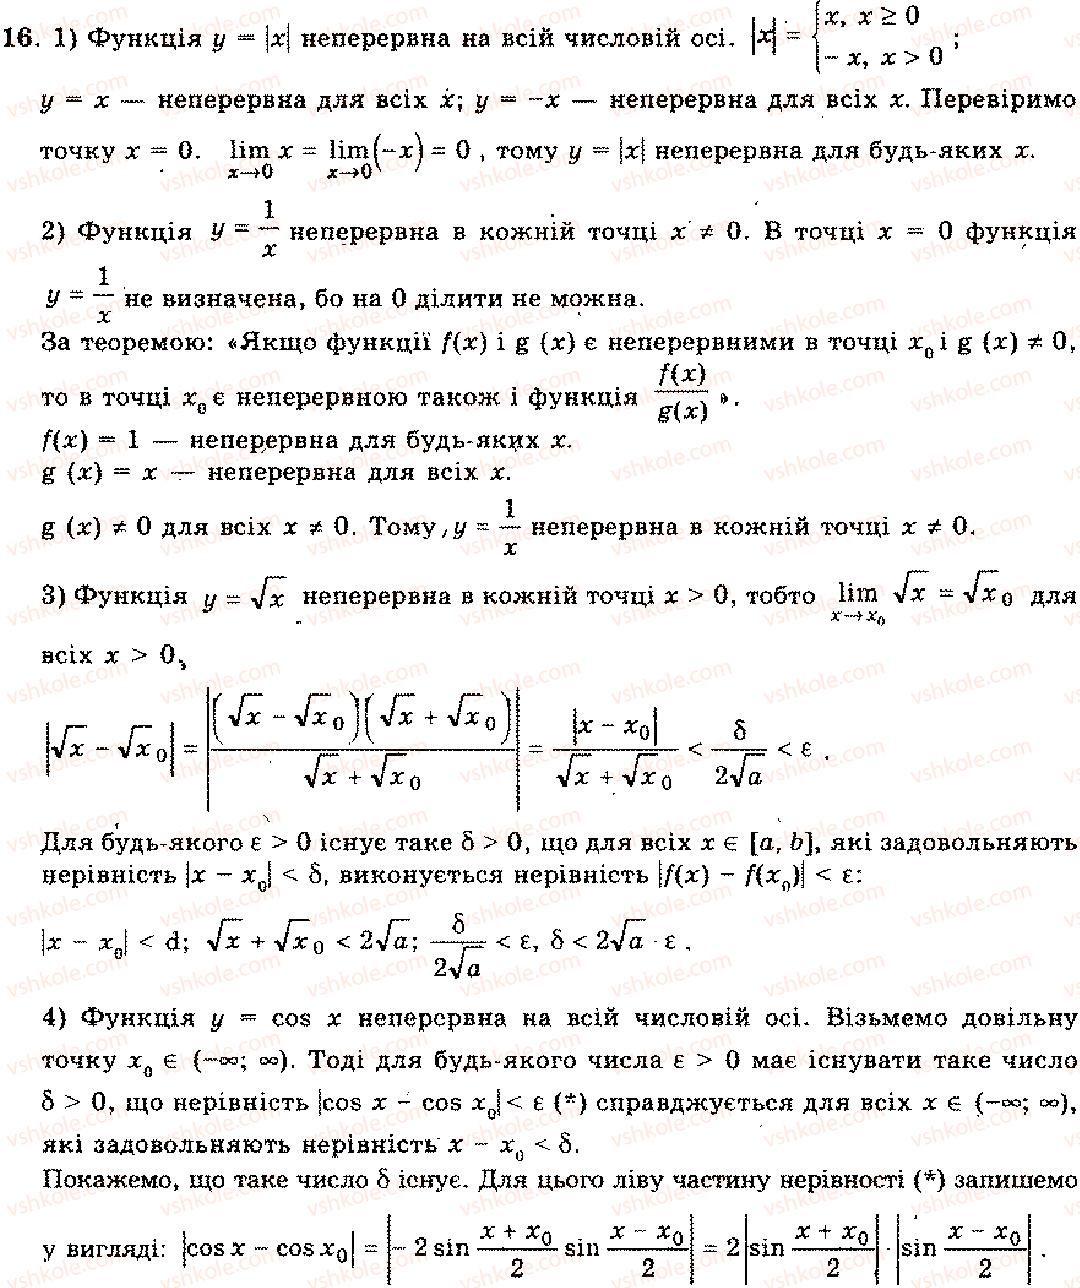 11-algebra-mi-shkil-zi-slepkan-os-dubinchuk-2006--rozdil-6-granitsya-i-neperervnist-funktsiyi-16.jpg